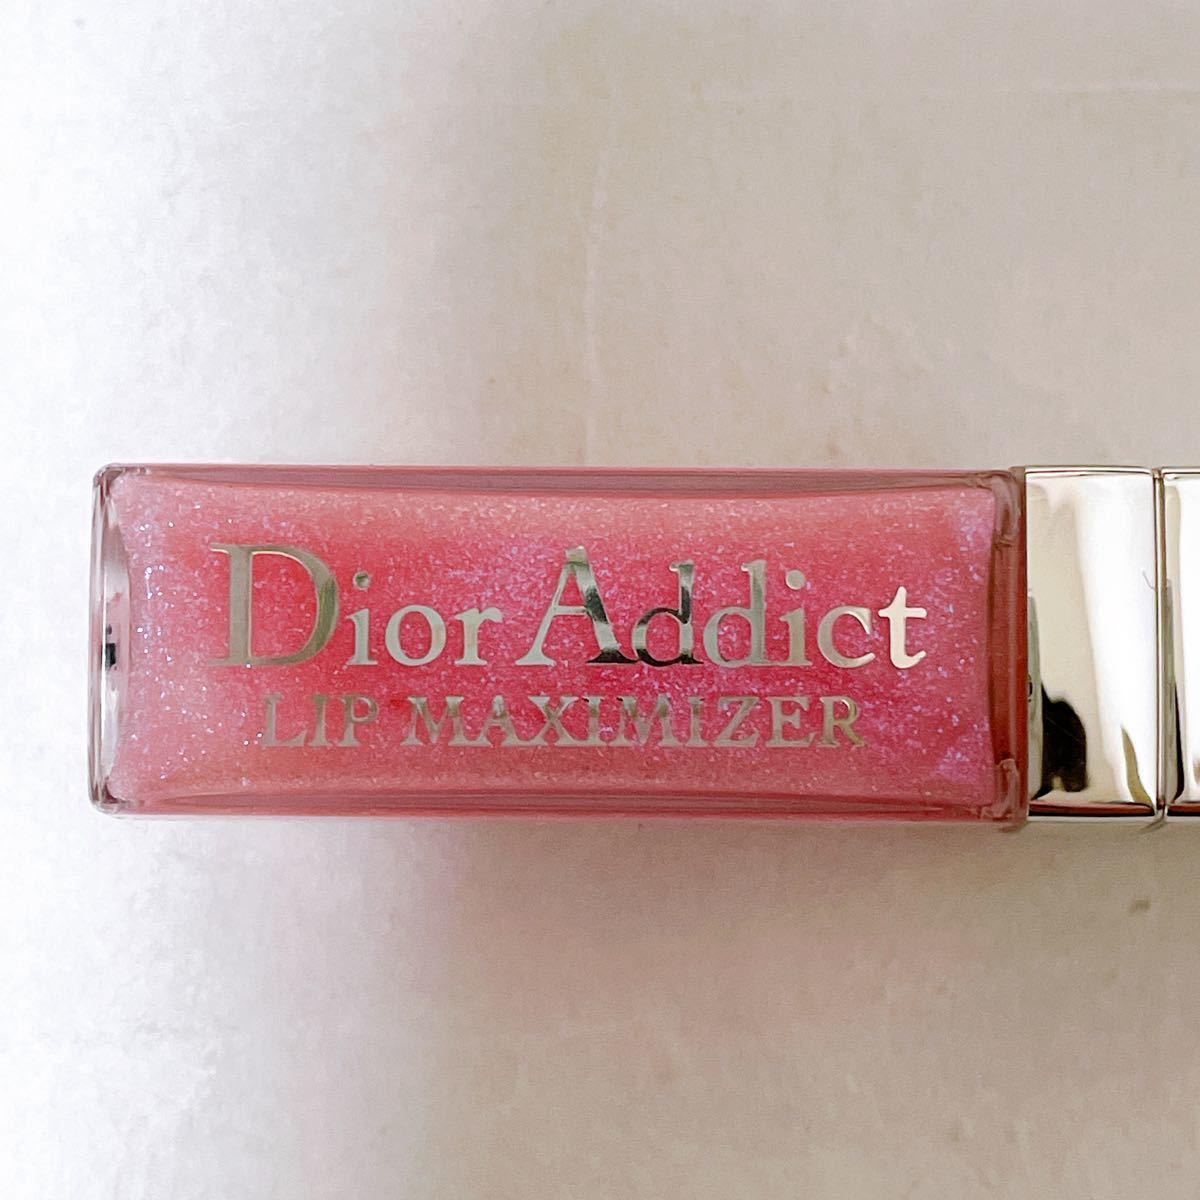 Dior Addict  リップマキシマイザー 009  2ml